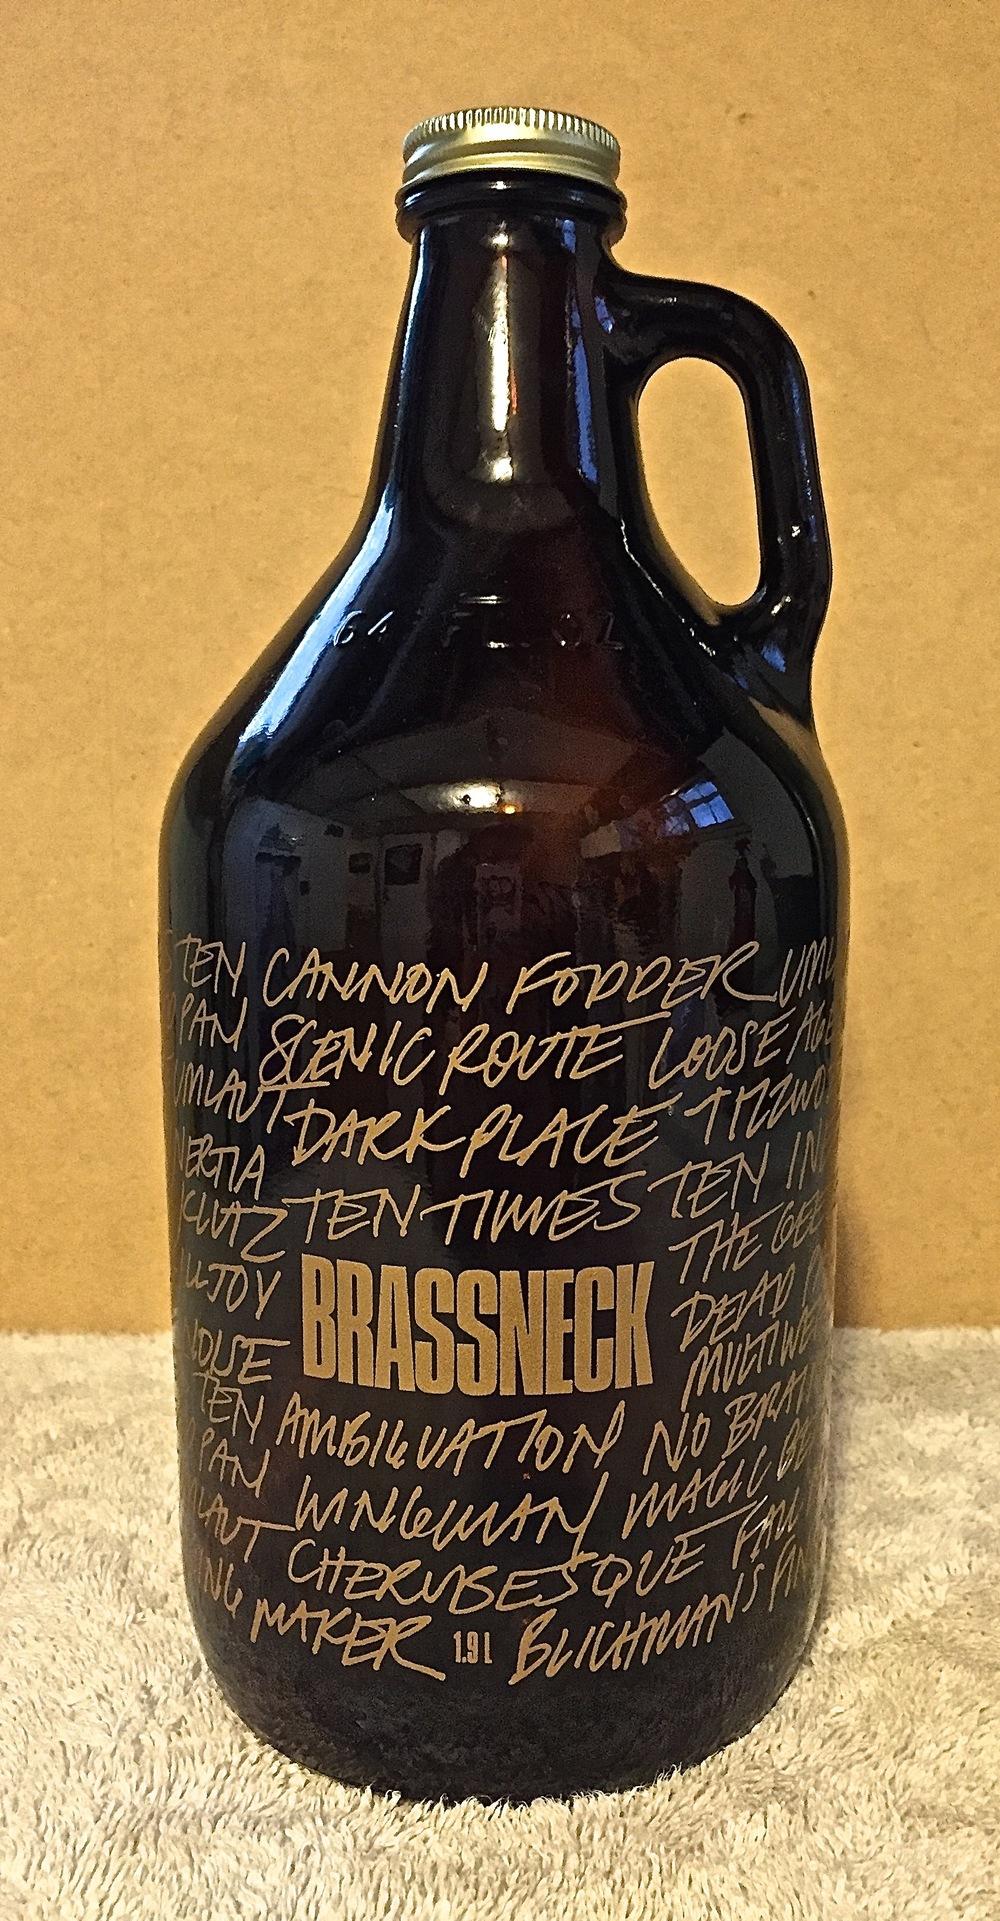 GR - Brassneck Brewery (BC).jpg